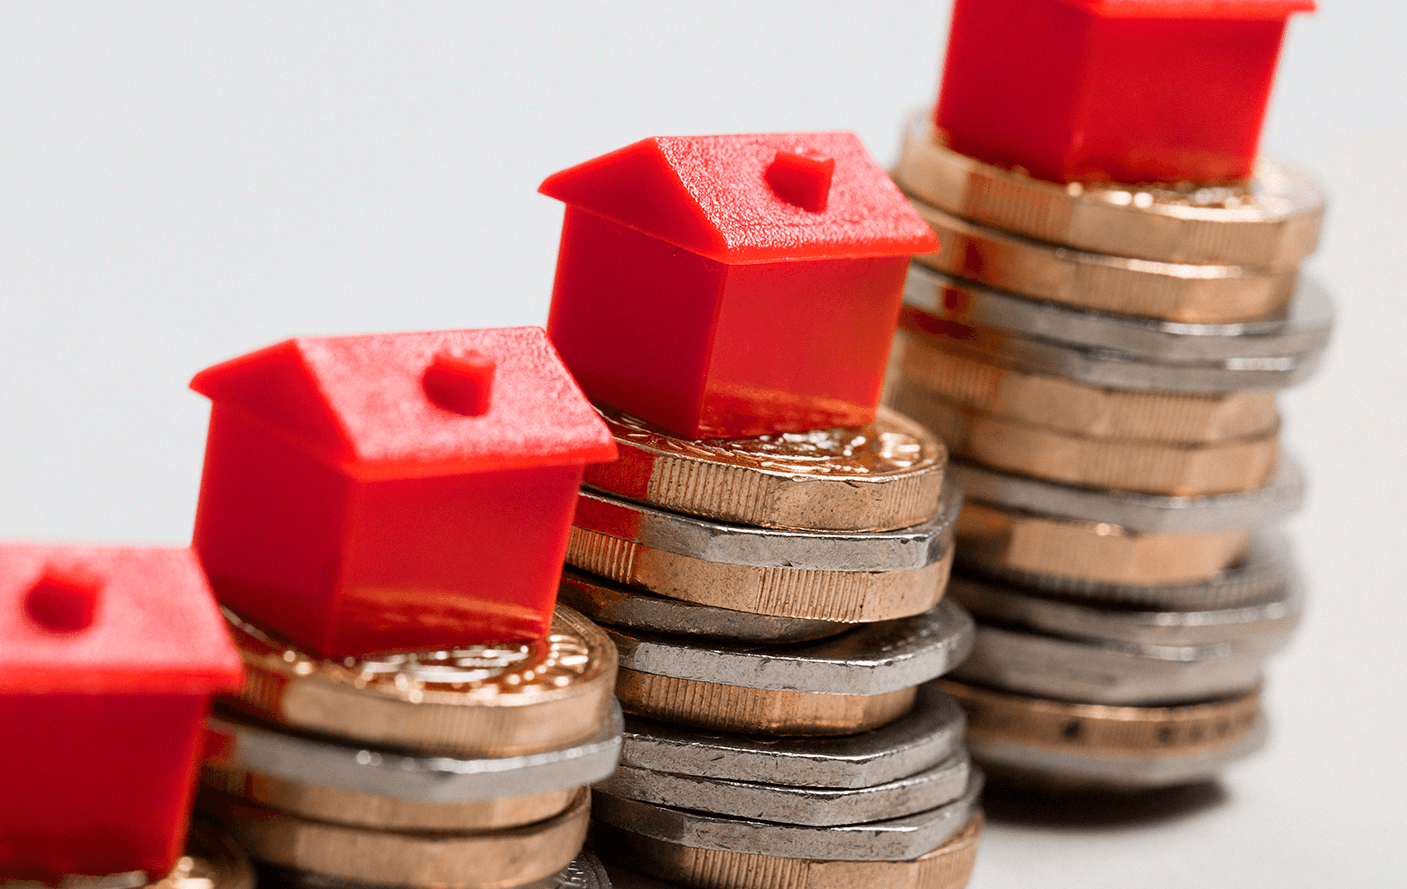 fundos imobiliários 2021